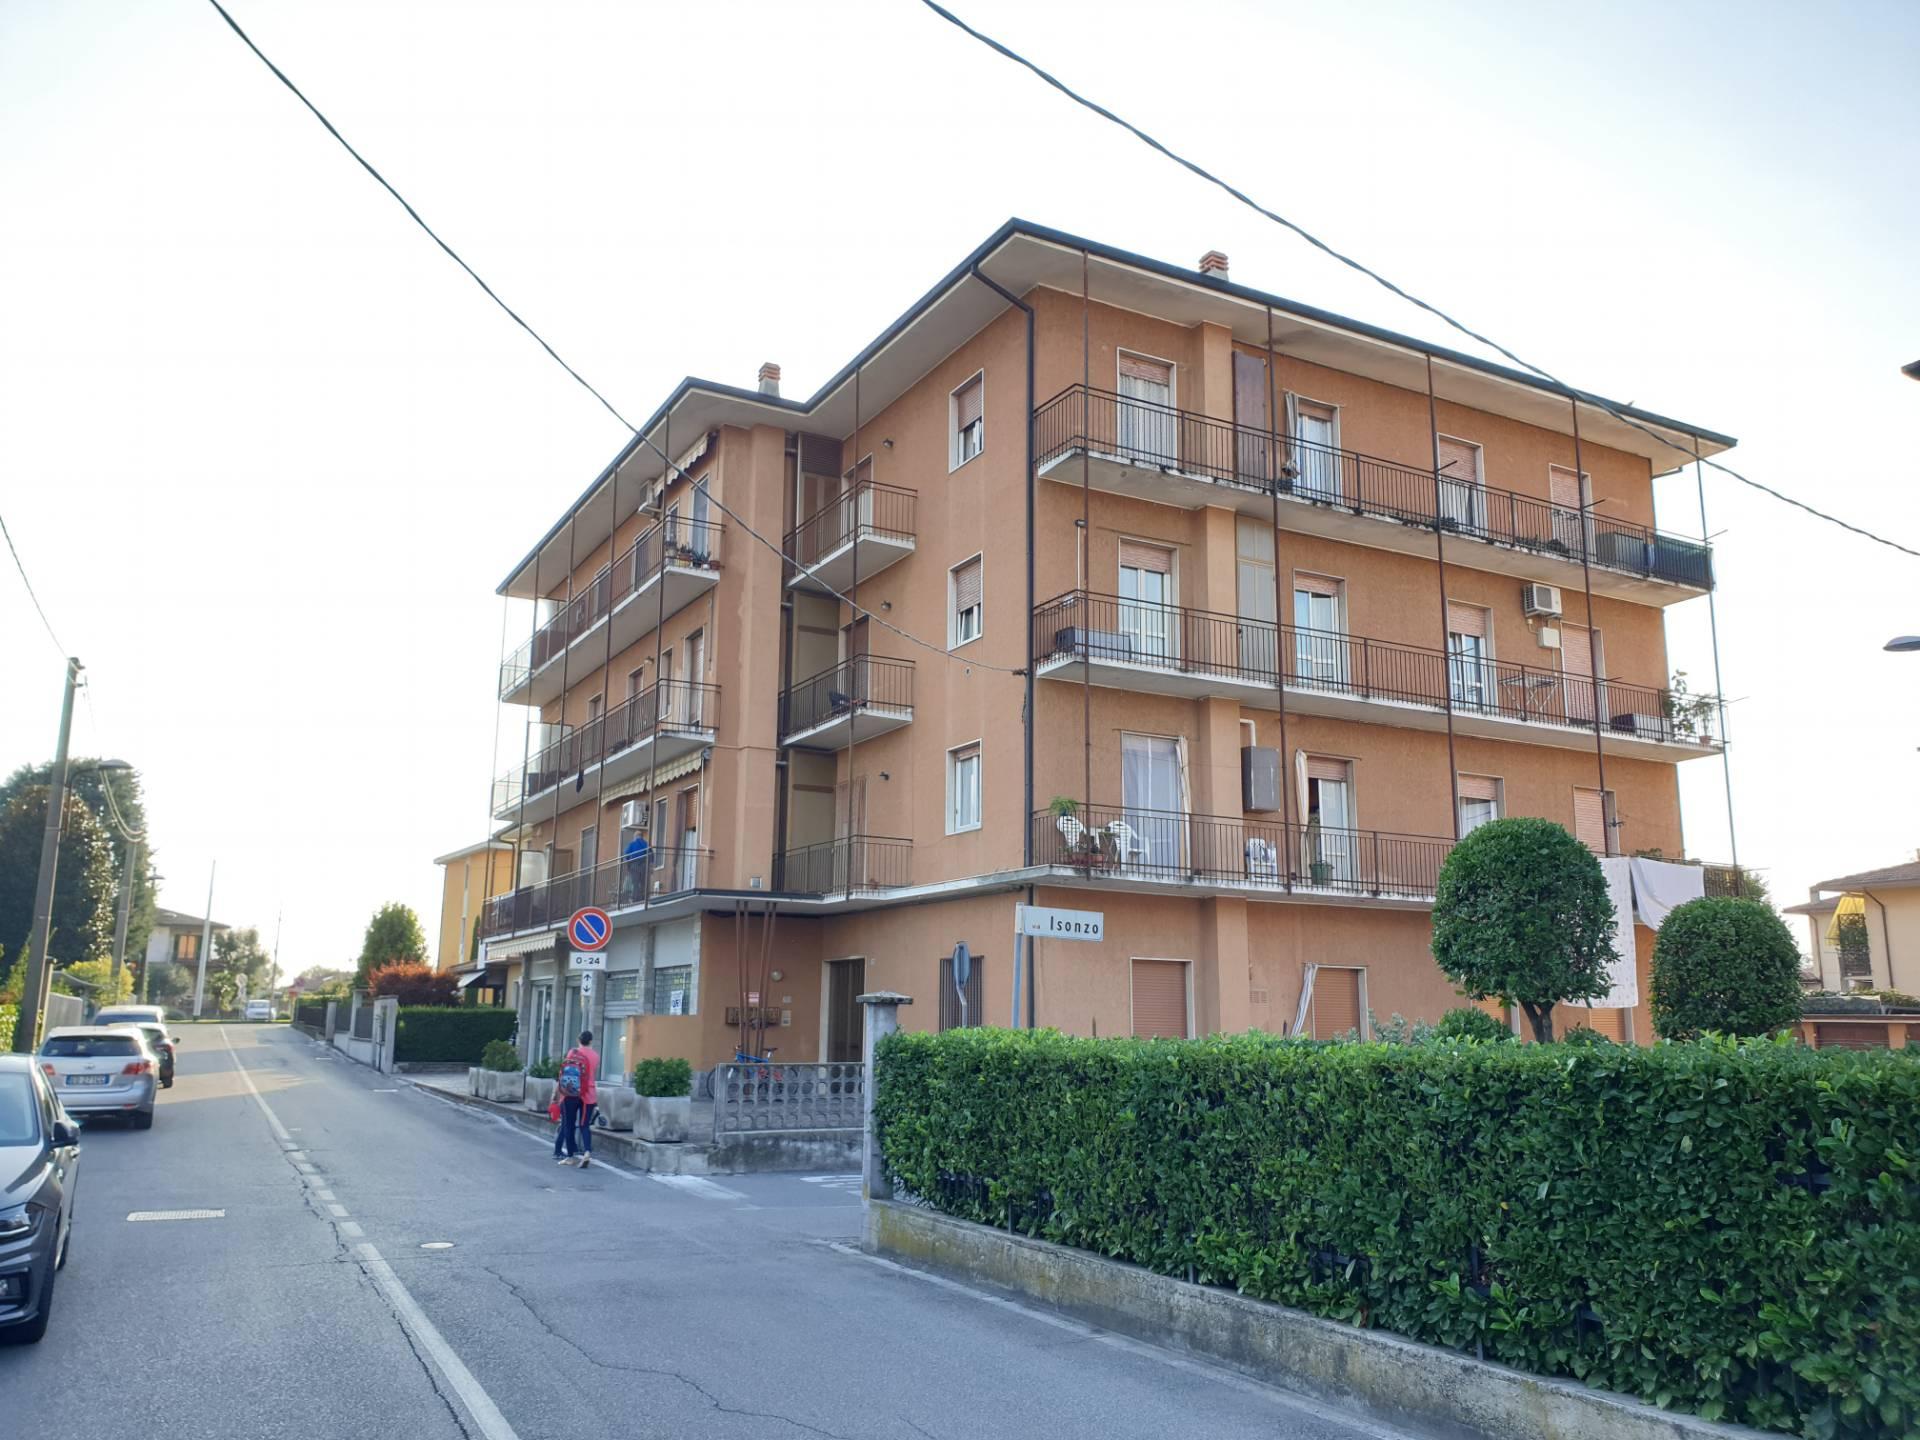 Appartamento in vendita a Palosco, 3 locali, prezzo € 58.000 | PortaleAgenzieImmobiliari.it